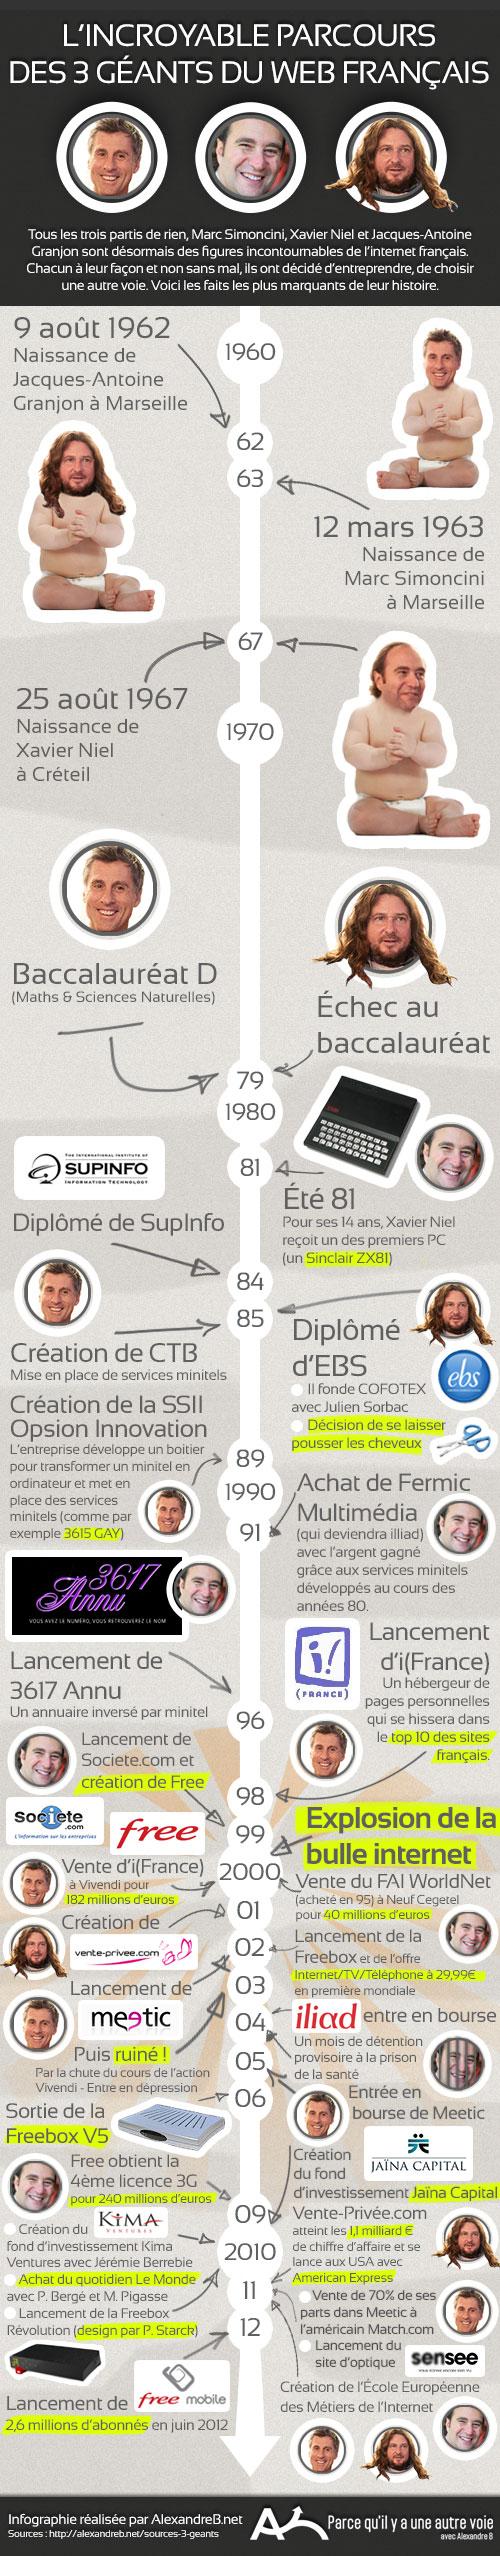 L'incroyable parcours des 3 géants du web français